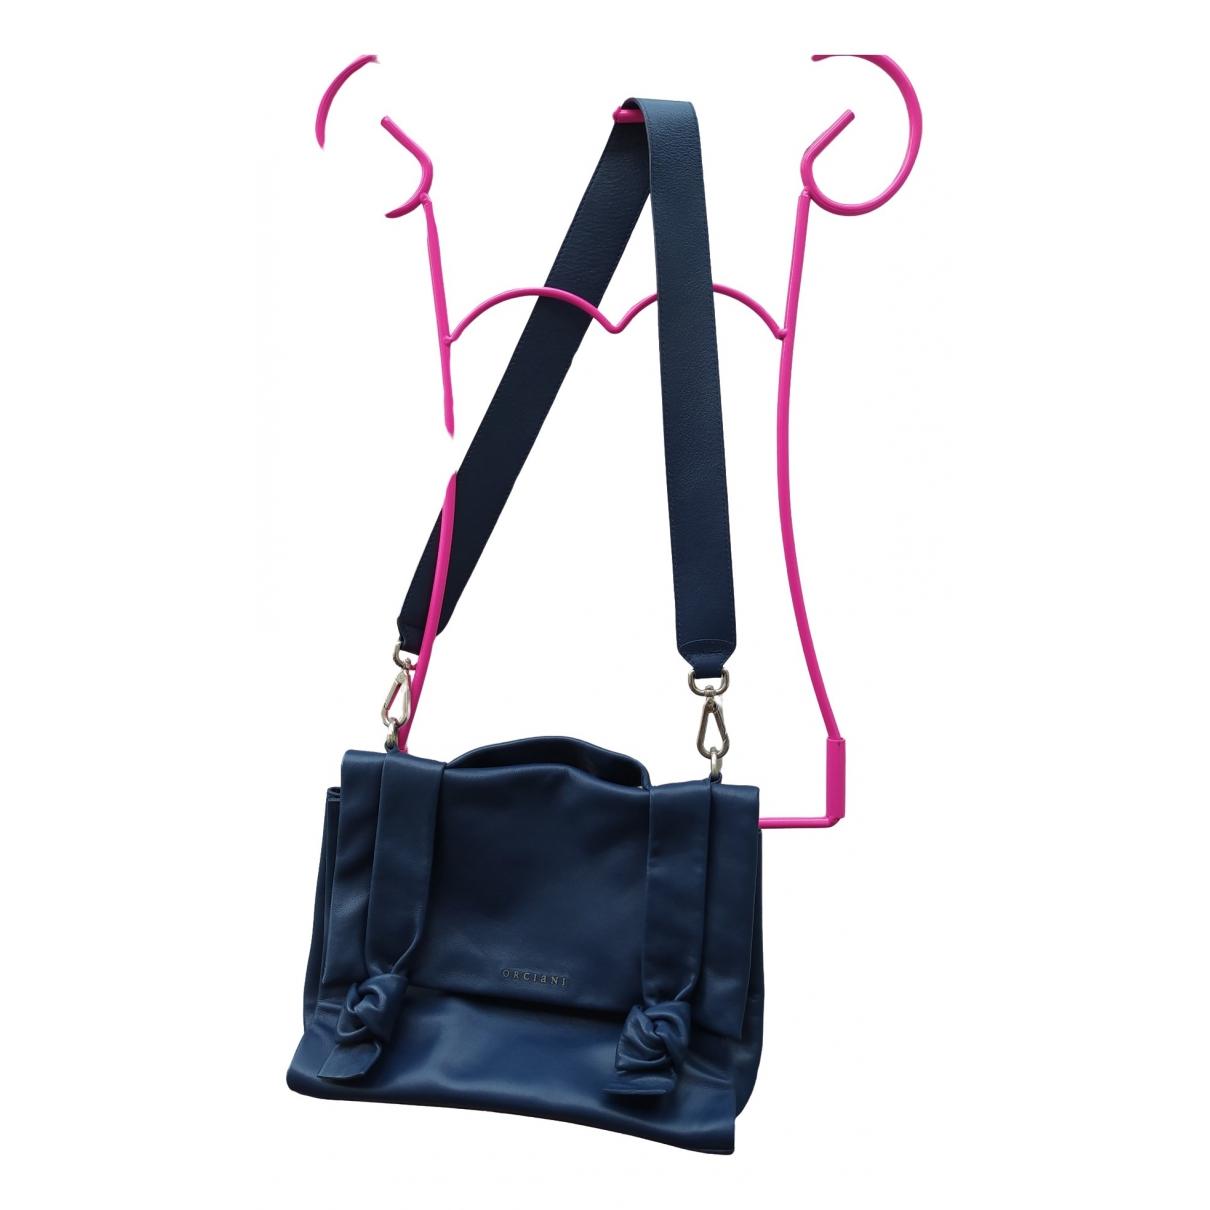 Orciani \N Handtasche in  Blau Leder